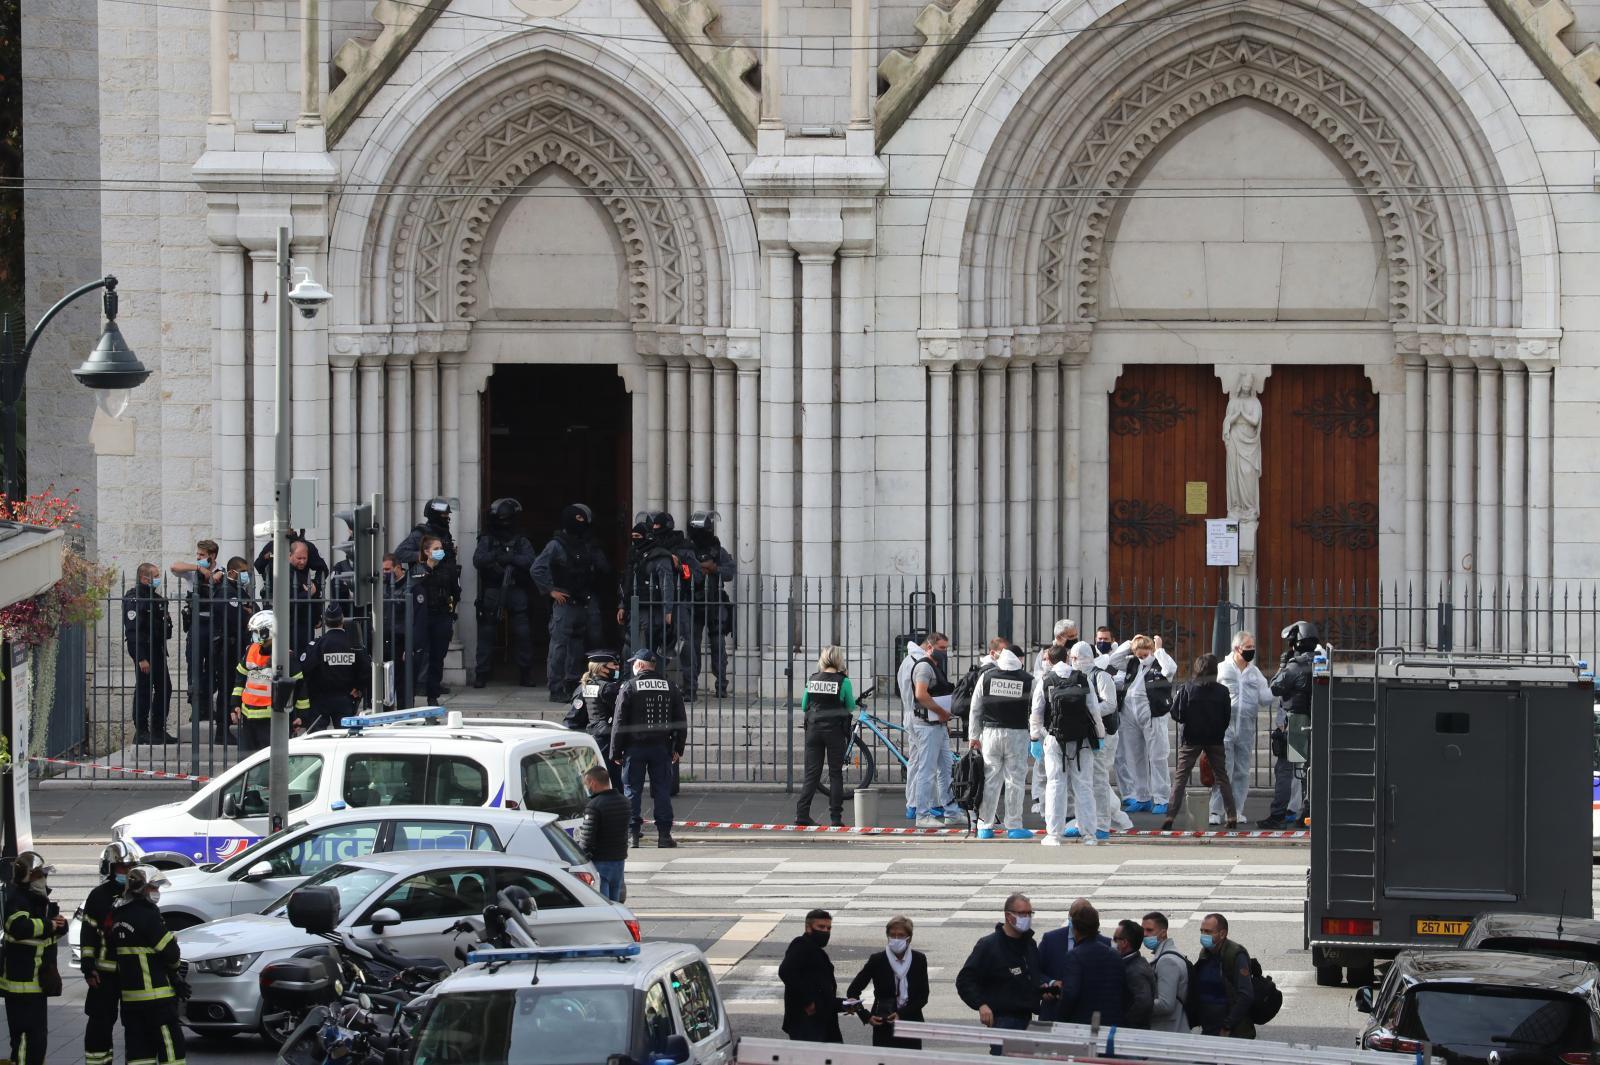 มือมีดไล่แทงกลางโบสถ์เมืองนีช ฝรั่งเศส ดับ 3 ถูกตัดศีรษะ 1